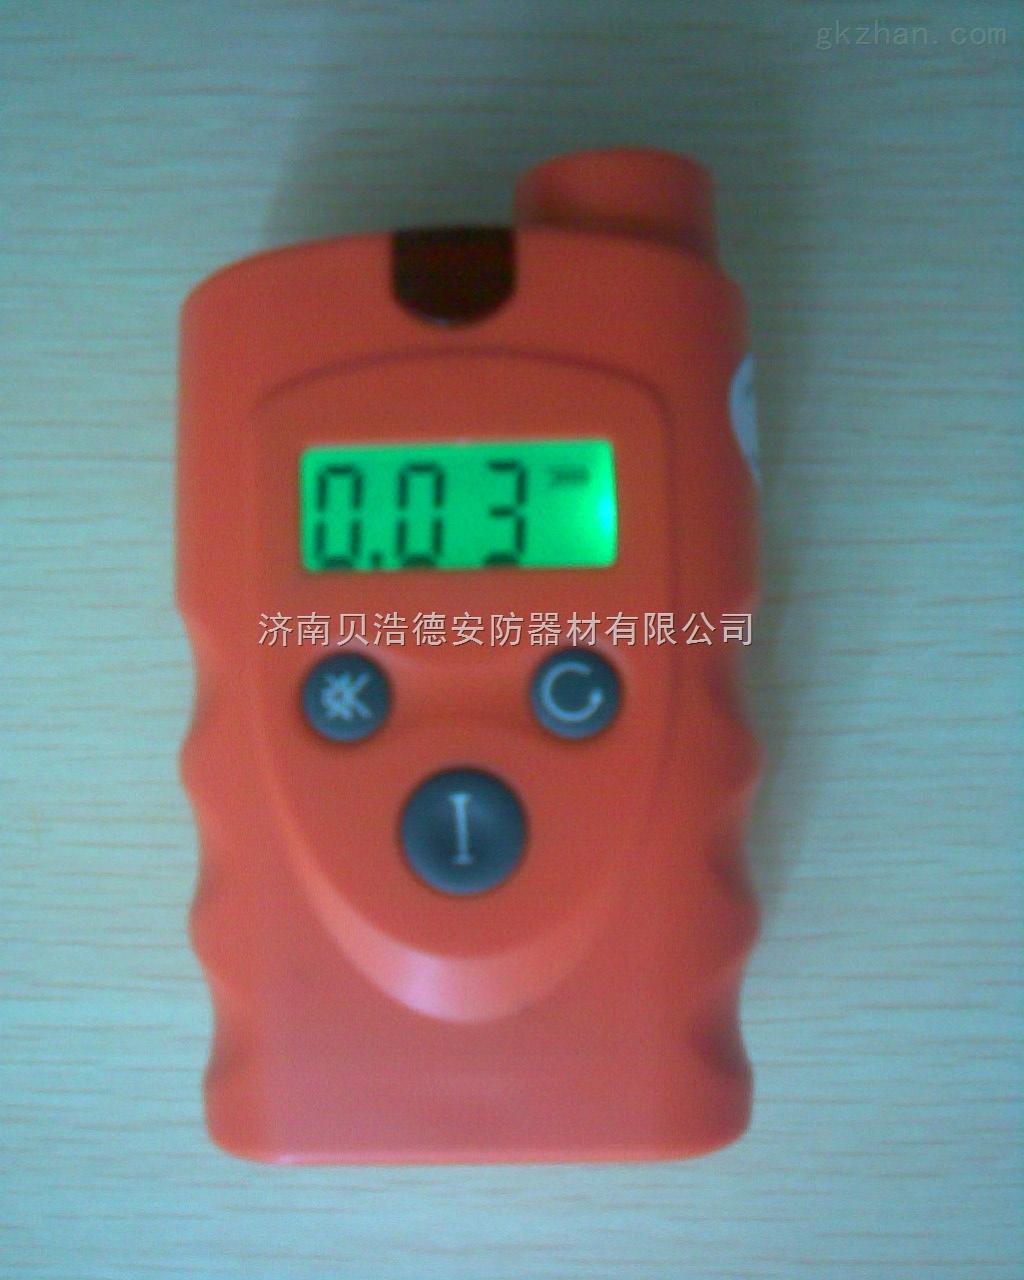 便携式酒精报警器,便携式酒精气体报警器